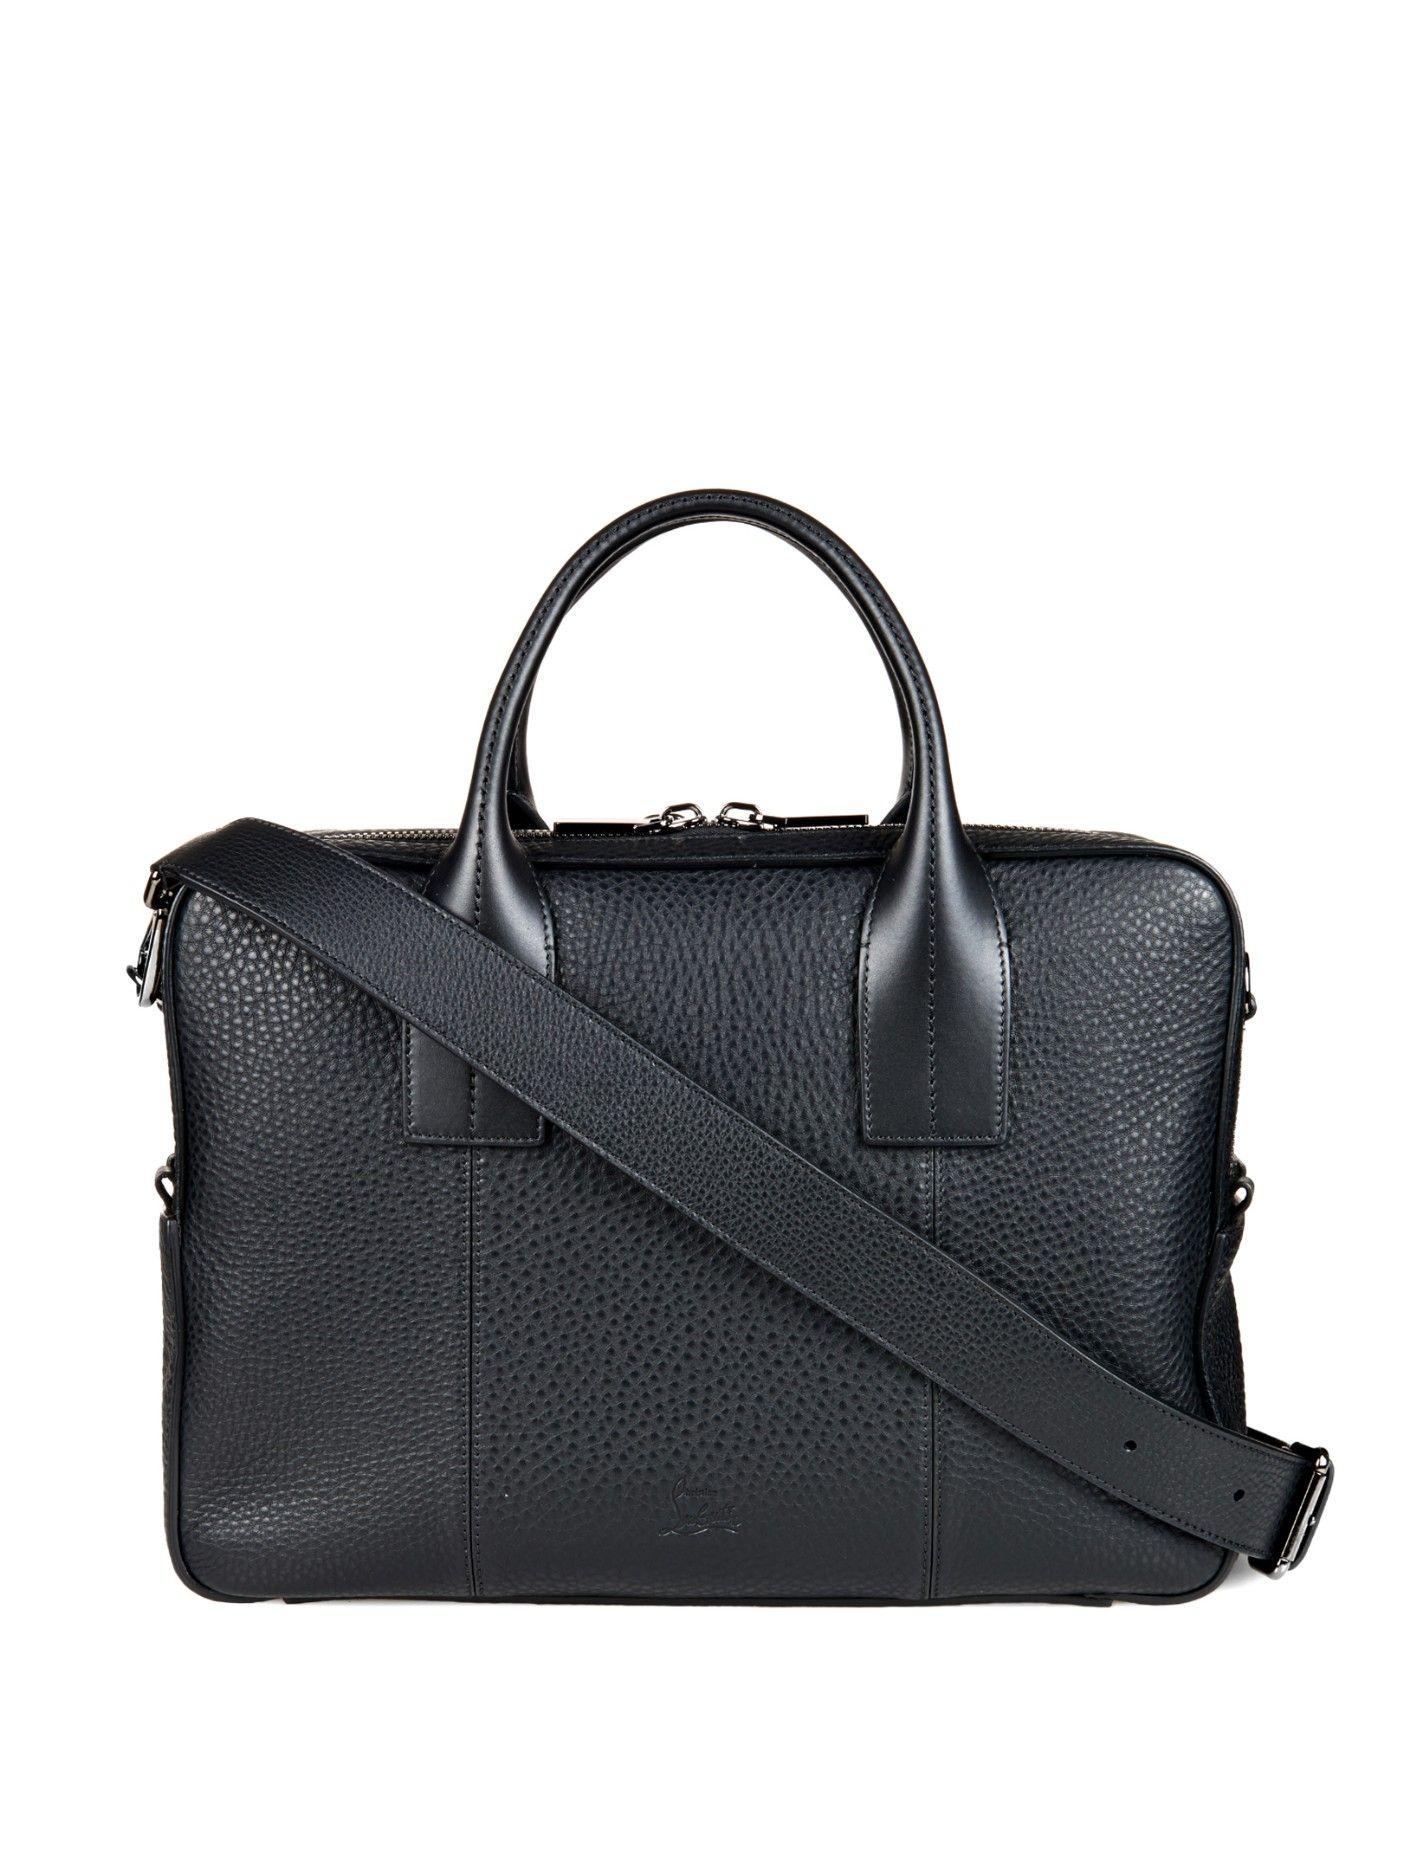 4df09826a09 Fredo leather weekend bag | Christian Louboutin | MATCHESFASHION.COM ...